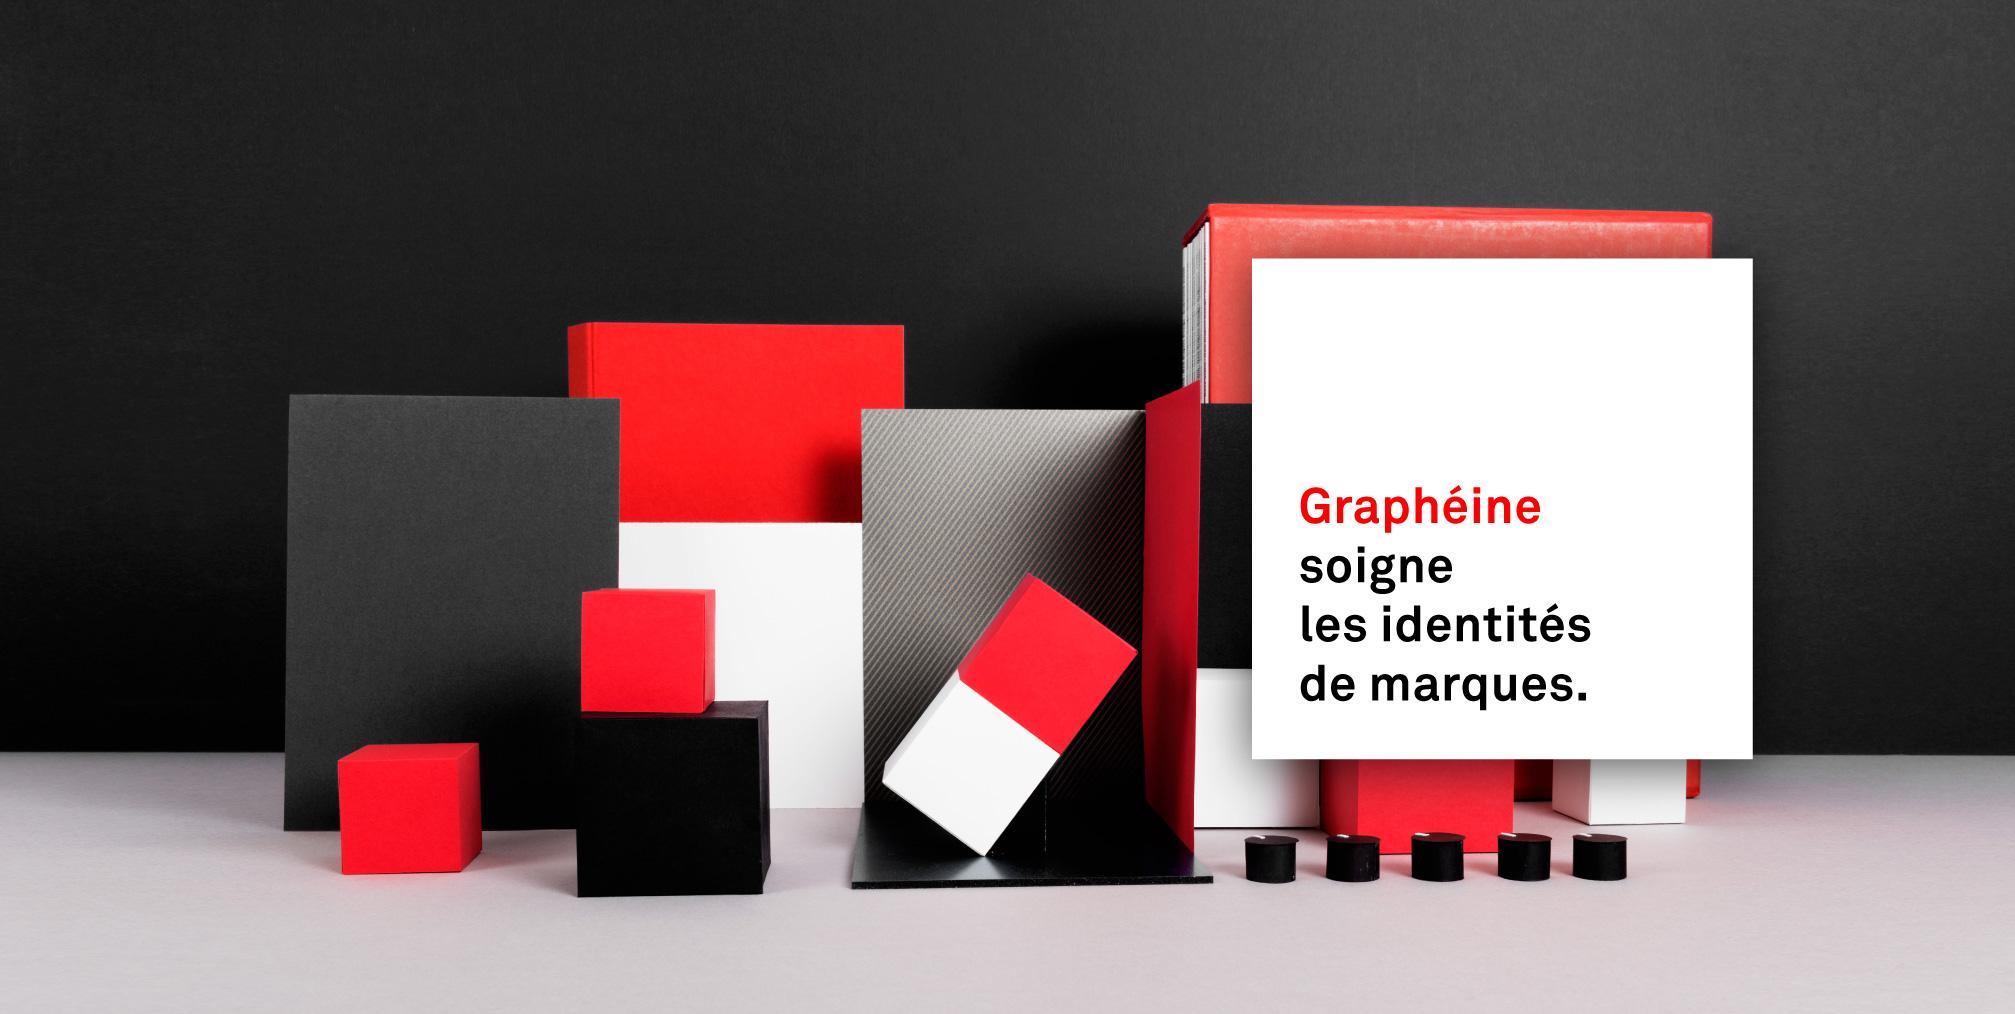 Agence de communication pour la création d'identités de marque et de logotypes